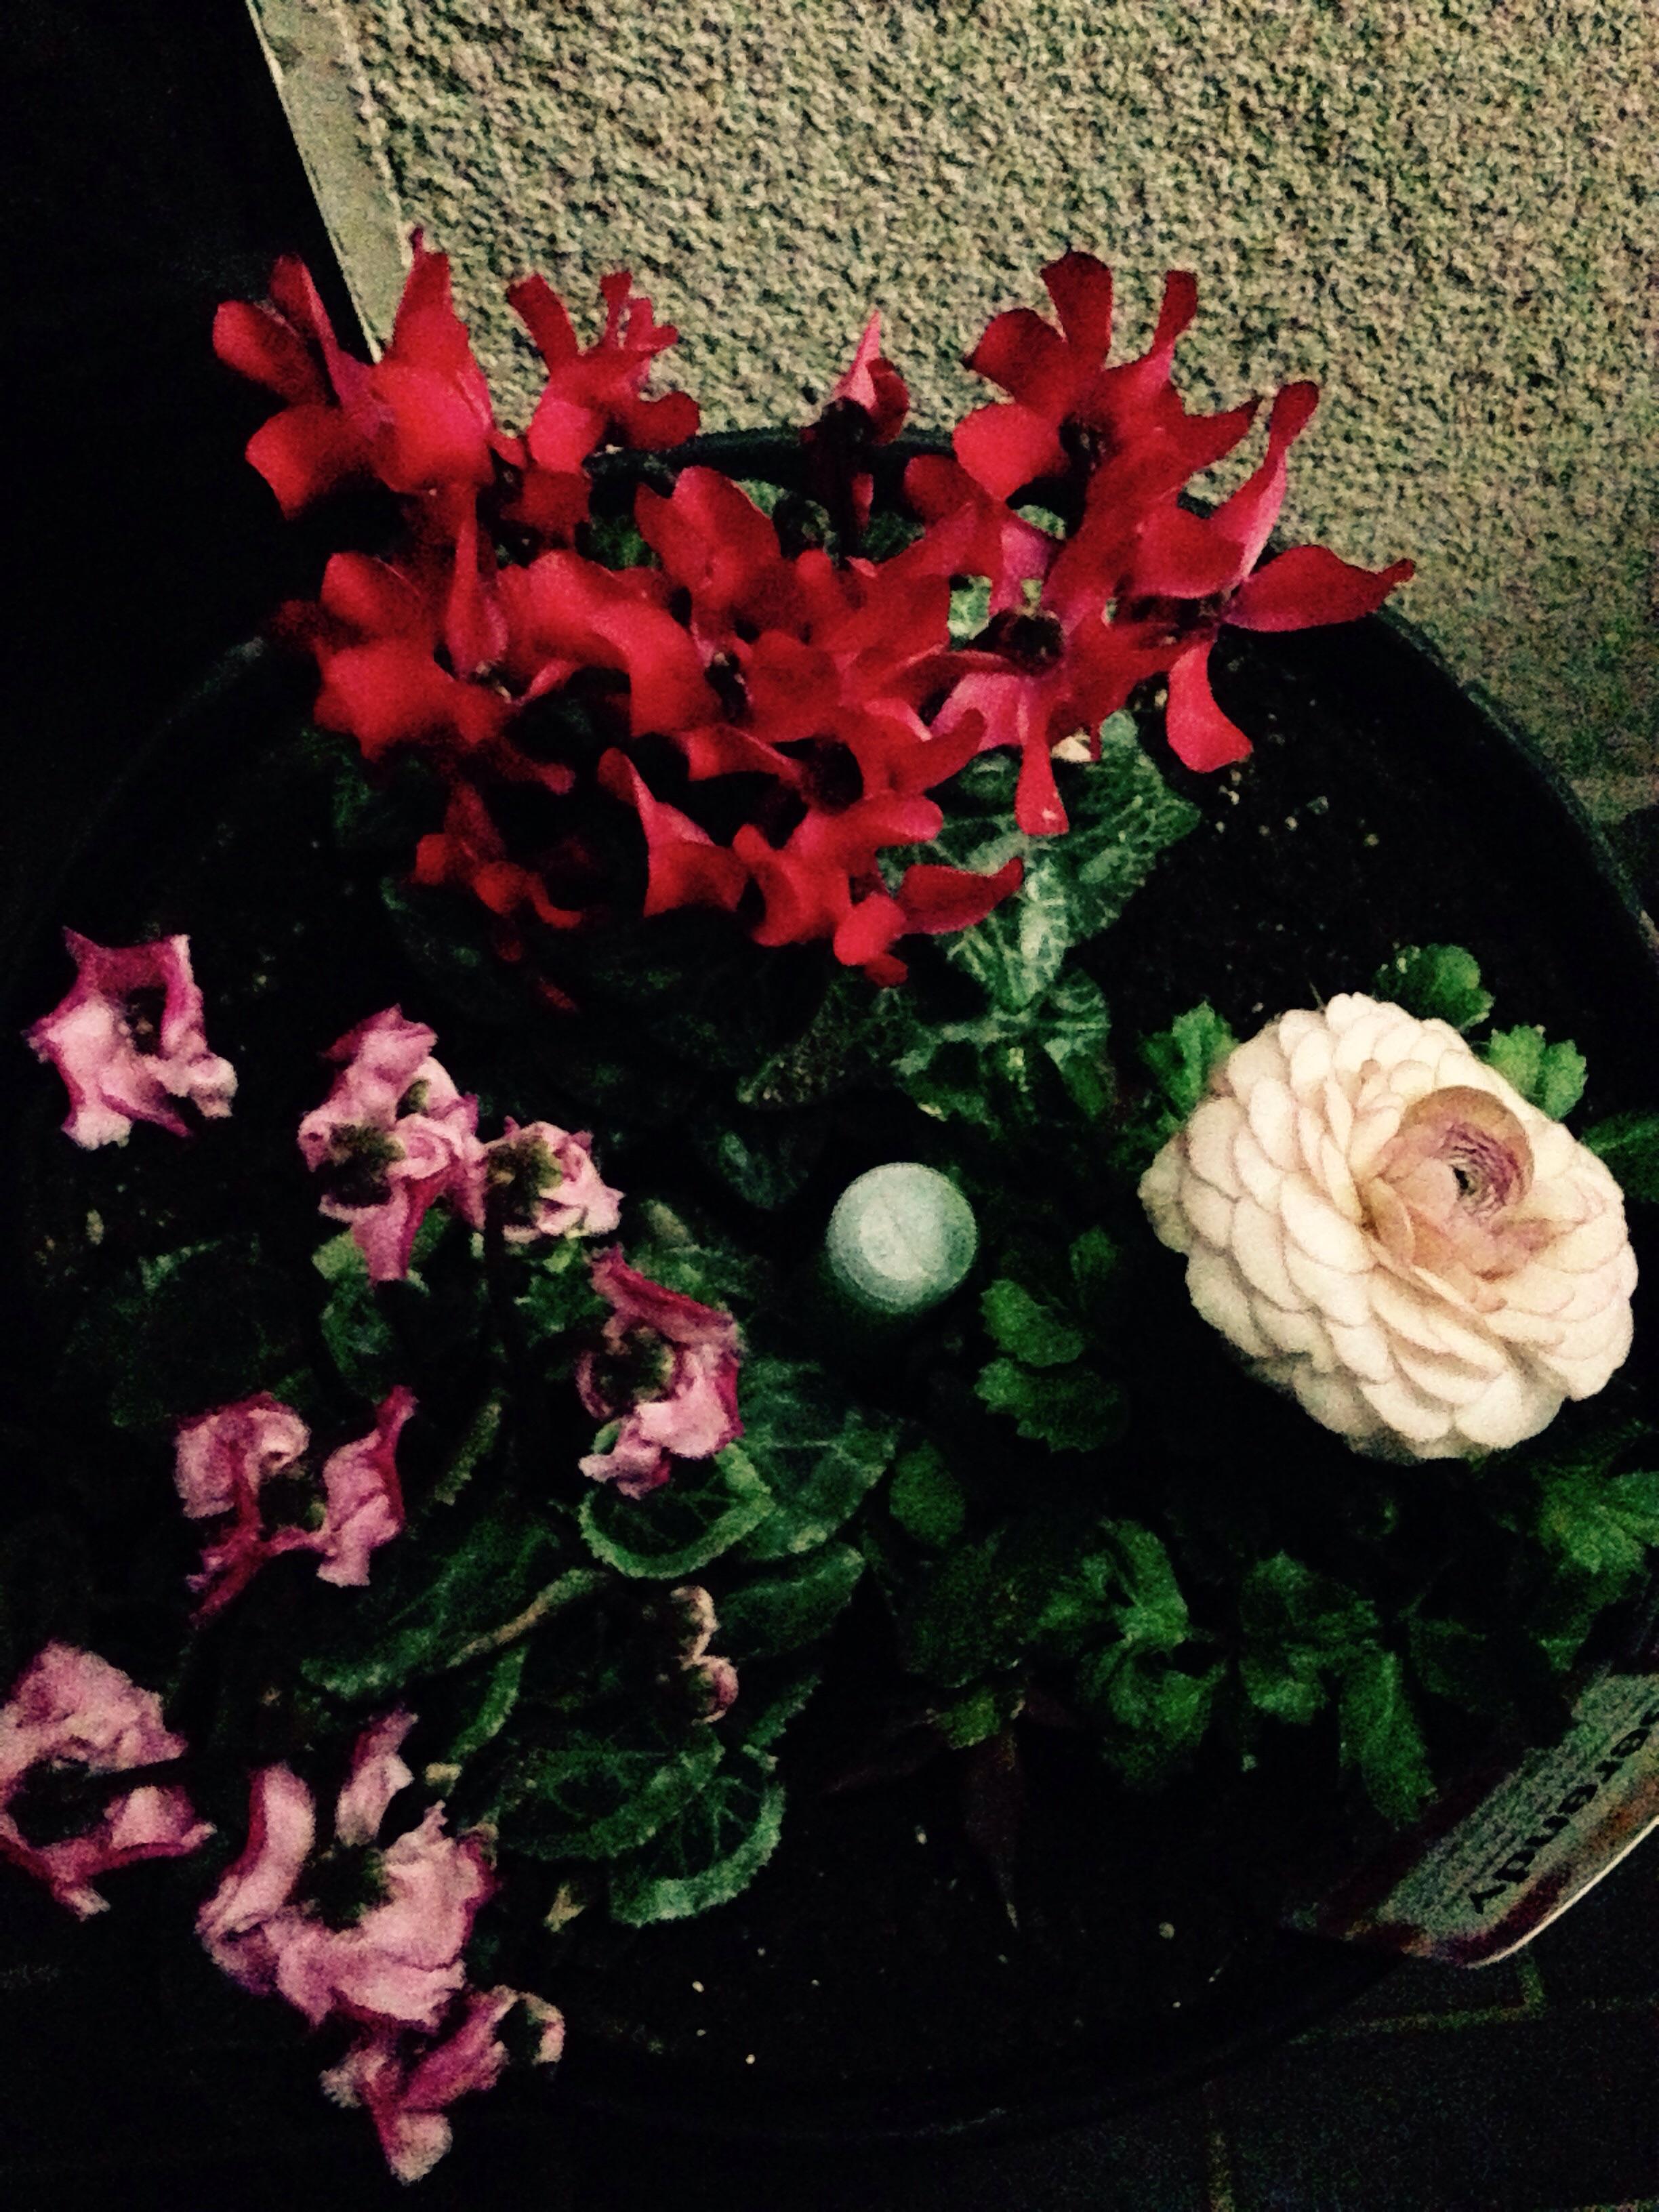 花たちもメリークリスマス!@摂理の味